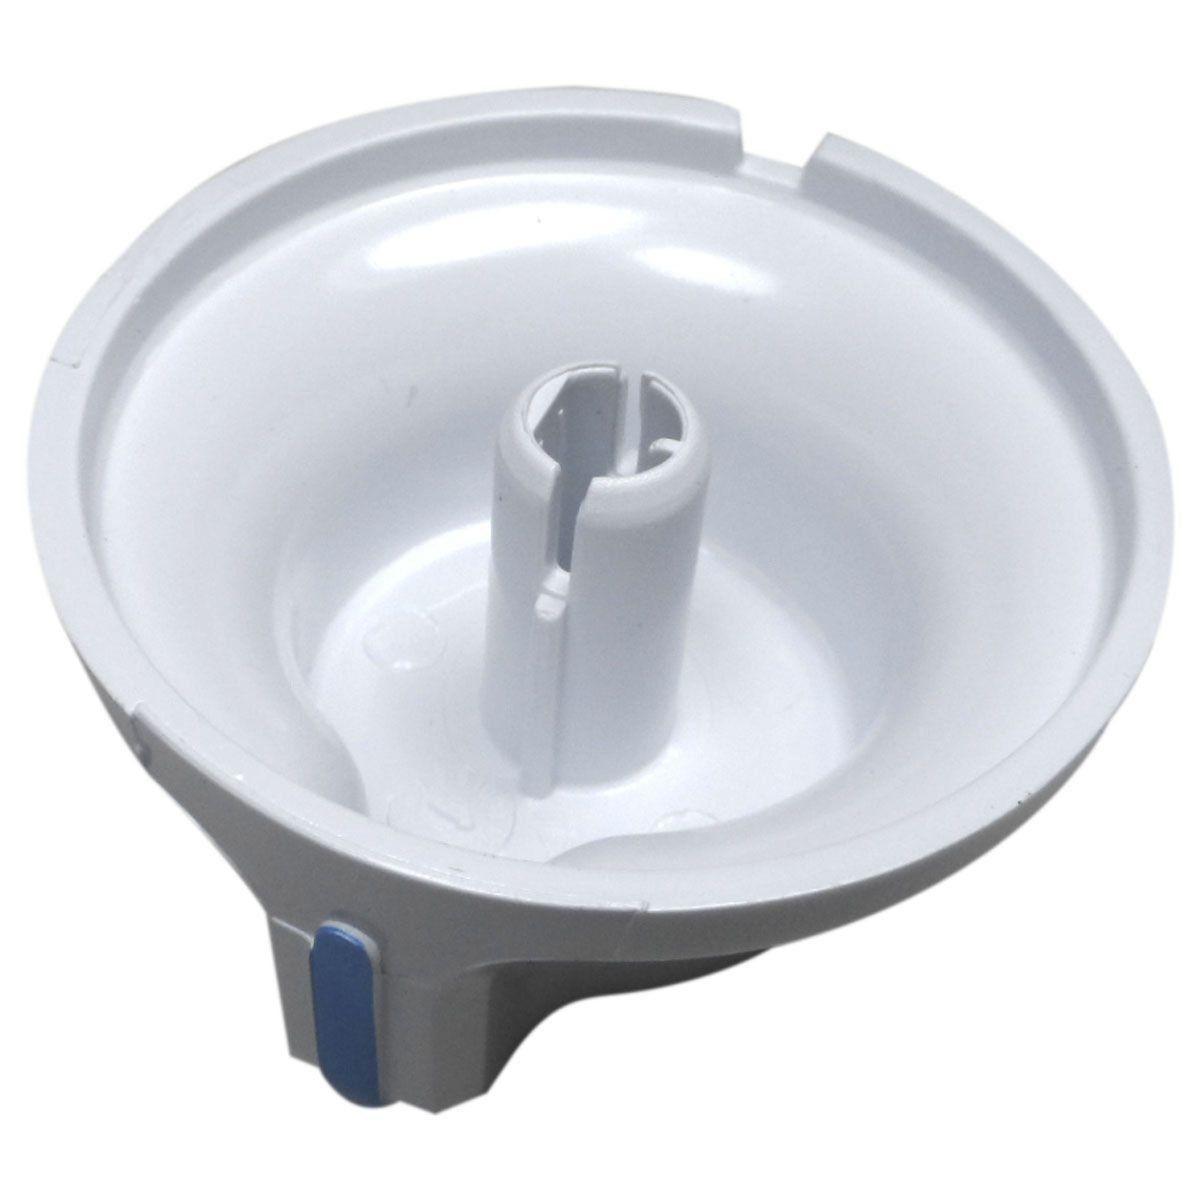 Botão Manipulo Seletor Nível Água Lavadora Eletrolux 67403693